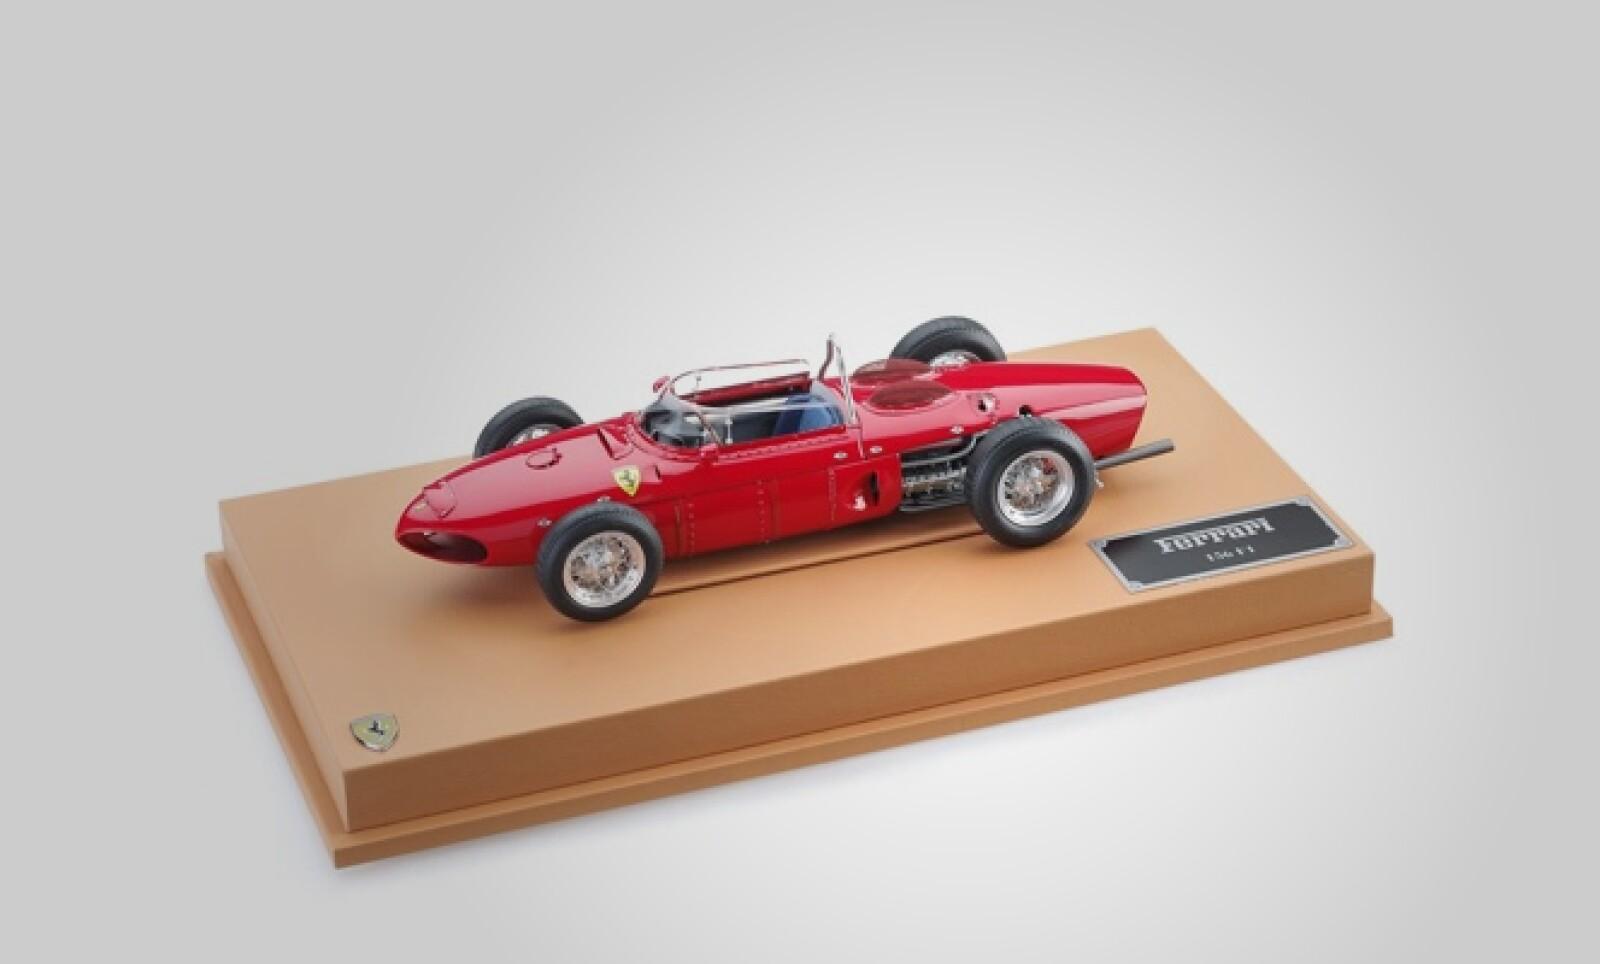 Esta reproducción escala 1:8 del modelo Ferrari 156 F1, fue diseñada especialmente para esta temporada para recordar el 50 aniversario del World Driver Championship. Precio: 852 dólares.